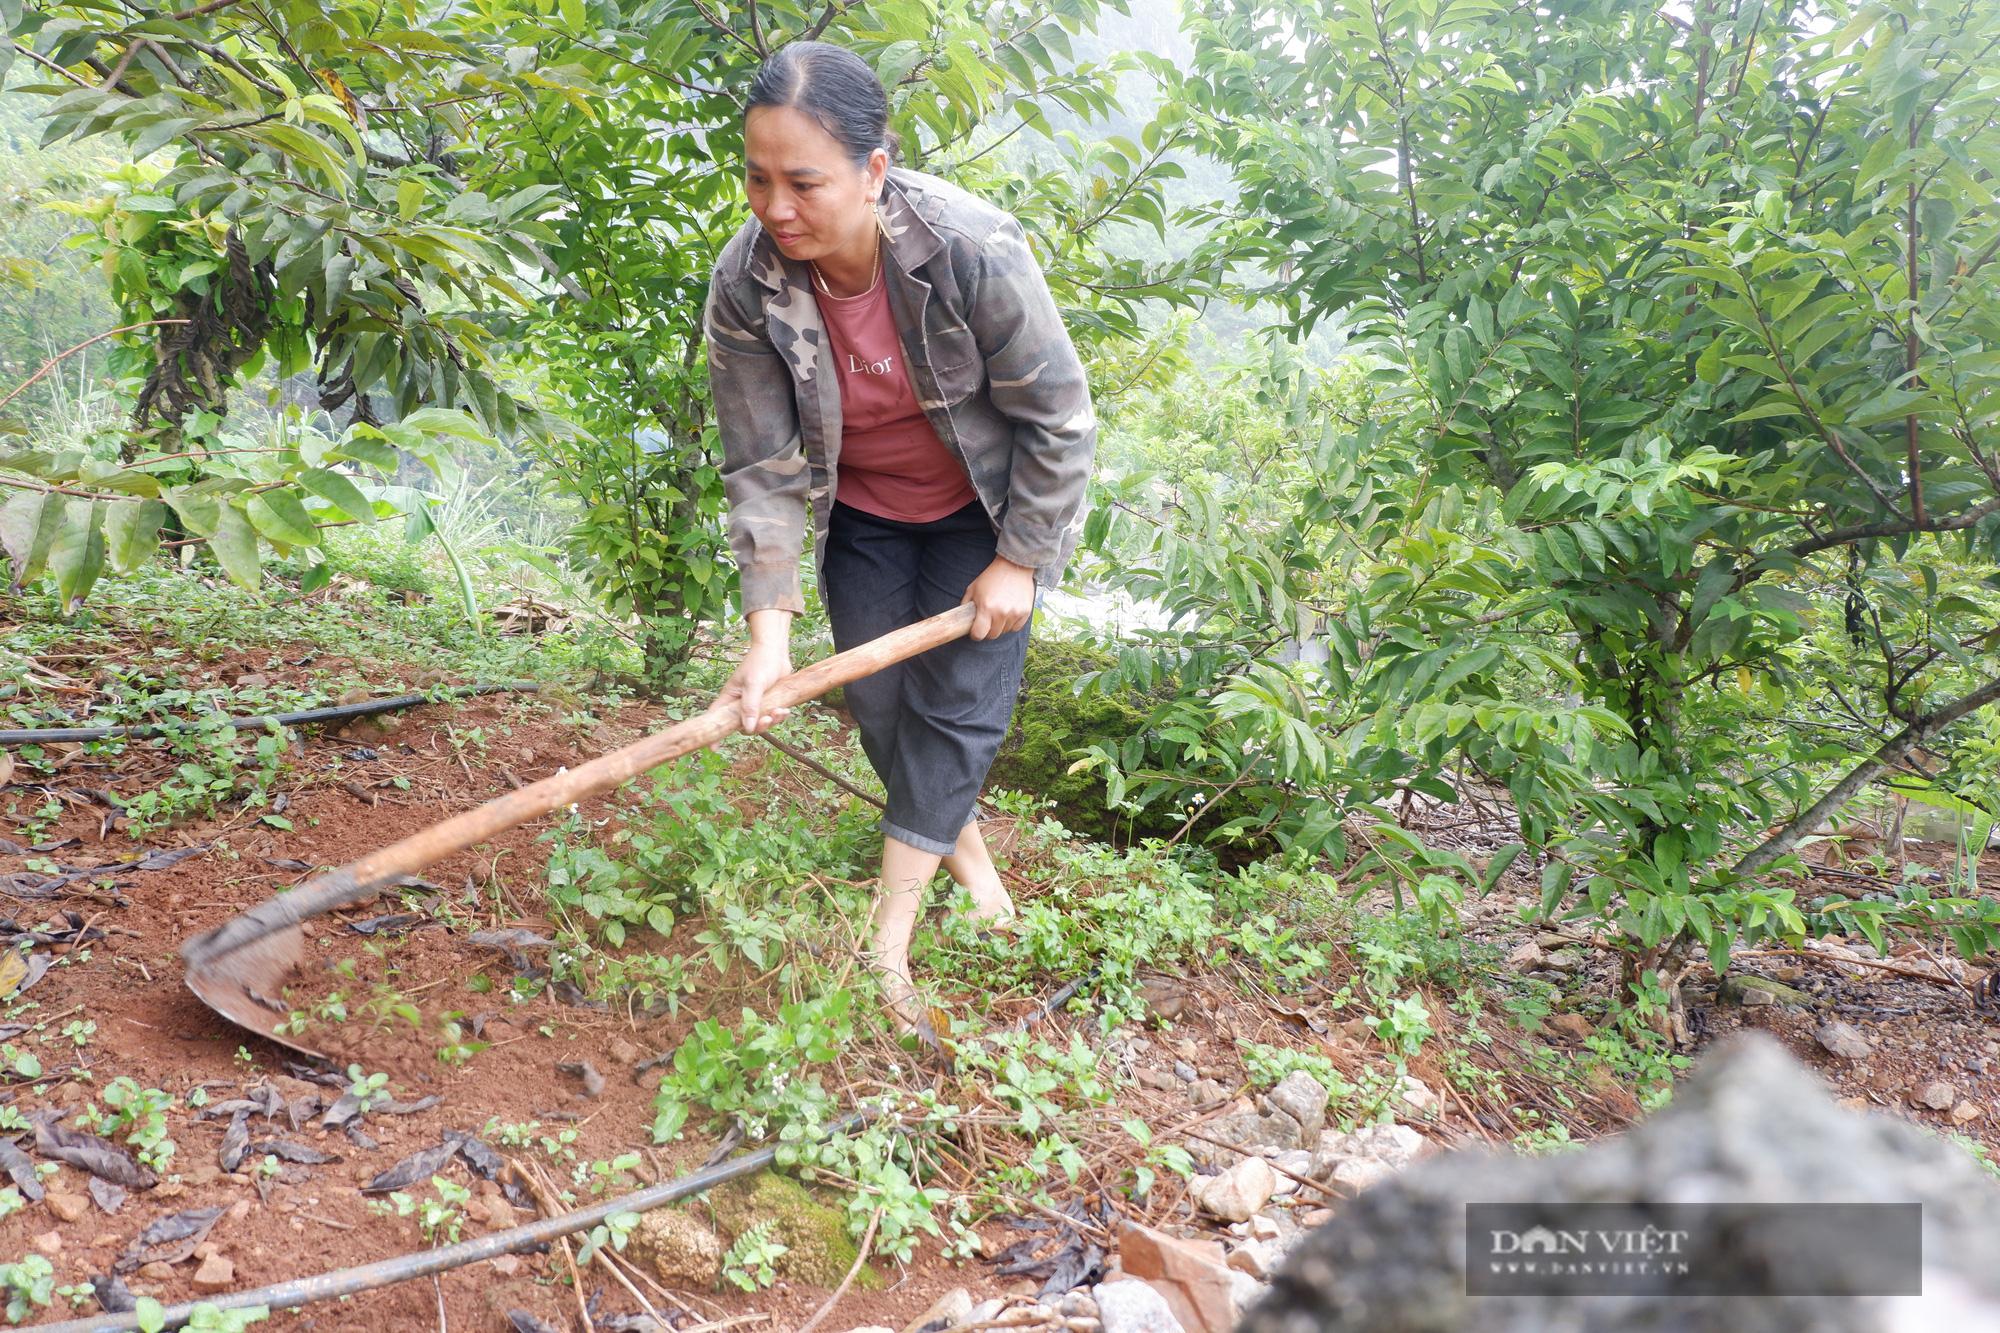 Hà Giang: Trên trồng thứ na đặc sản, dưới nuôi gà chạy bộ đầy vườn, dân ở đây thu hàng trăm triệu/năm không hiếm - Ảnh 6.